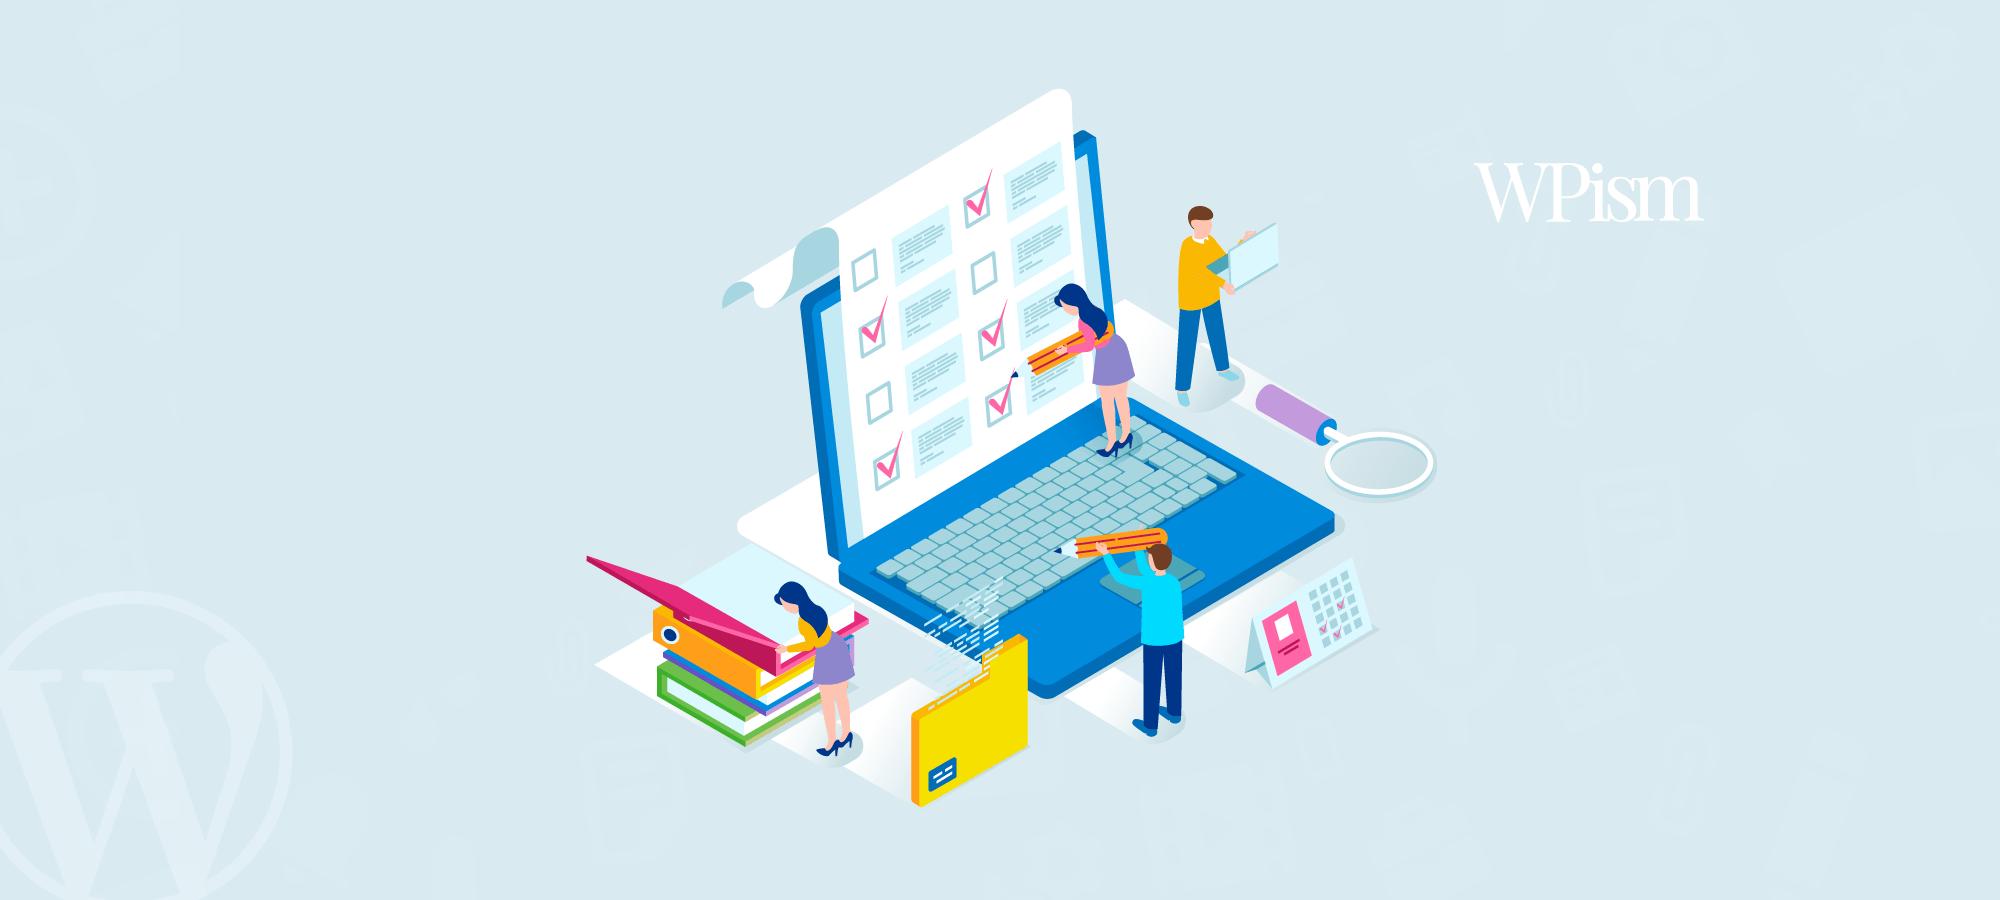 رایگان بودن نرم افزار مدیریت محتوای ورد پرس چیست؟